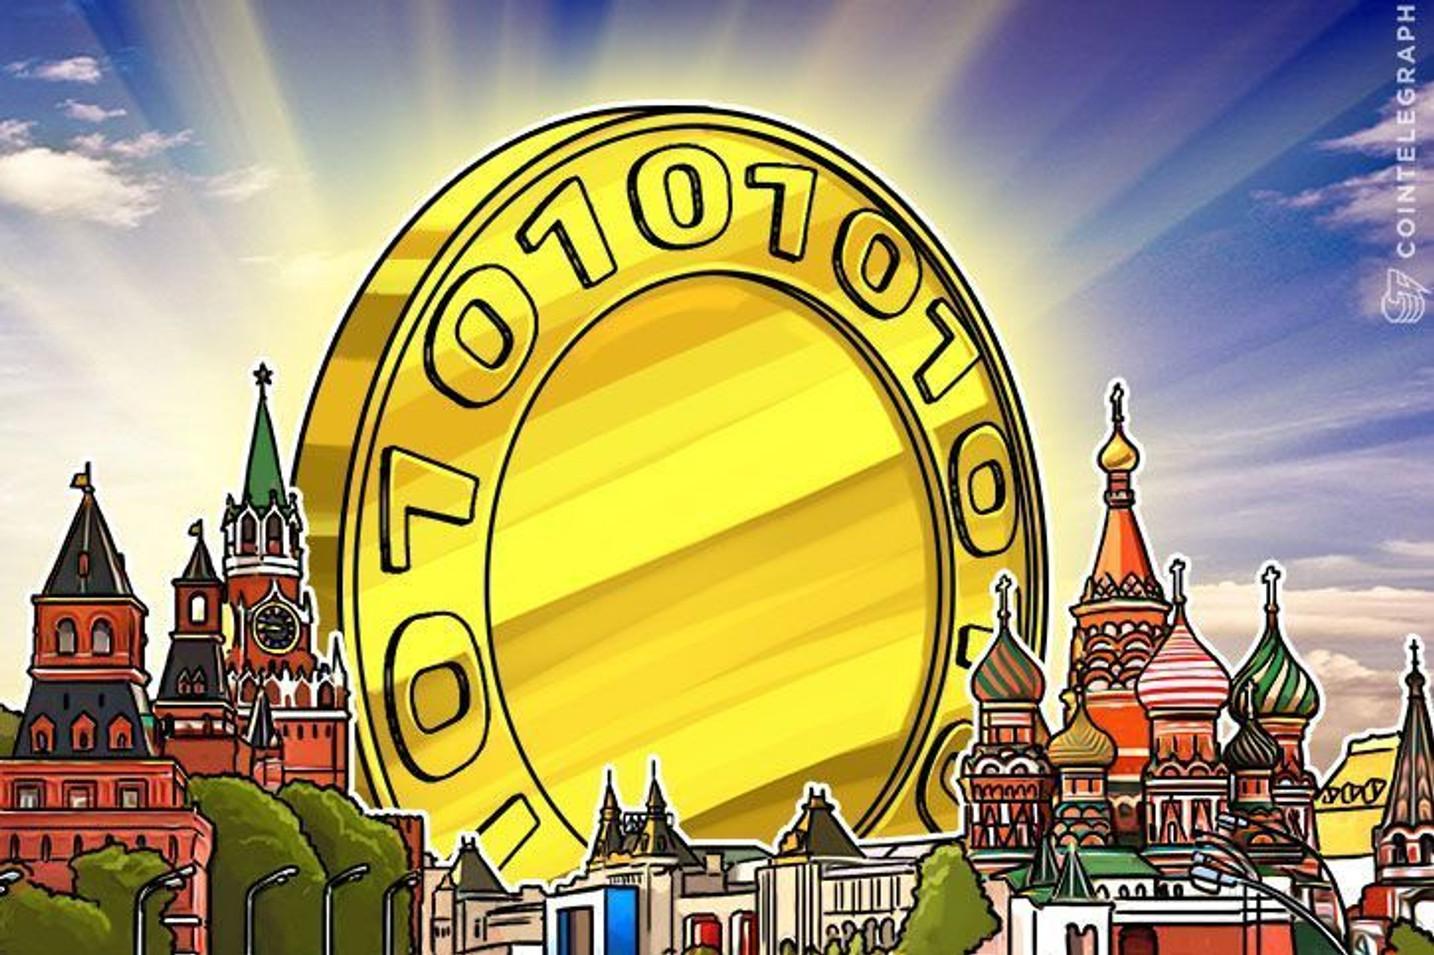 نائب الوزير الروسي: الحكومة تحتاج إلى منصة بلوكتشين تركز على الاستقرار